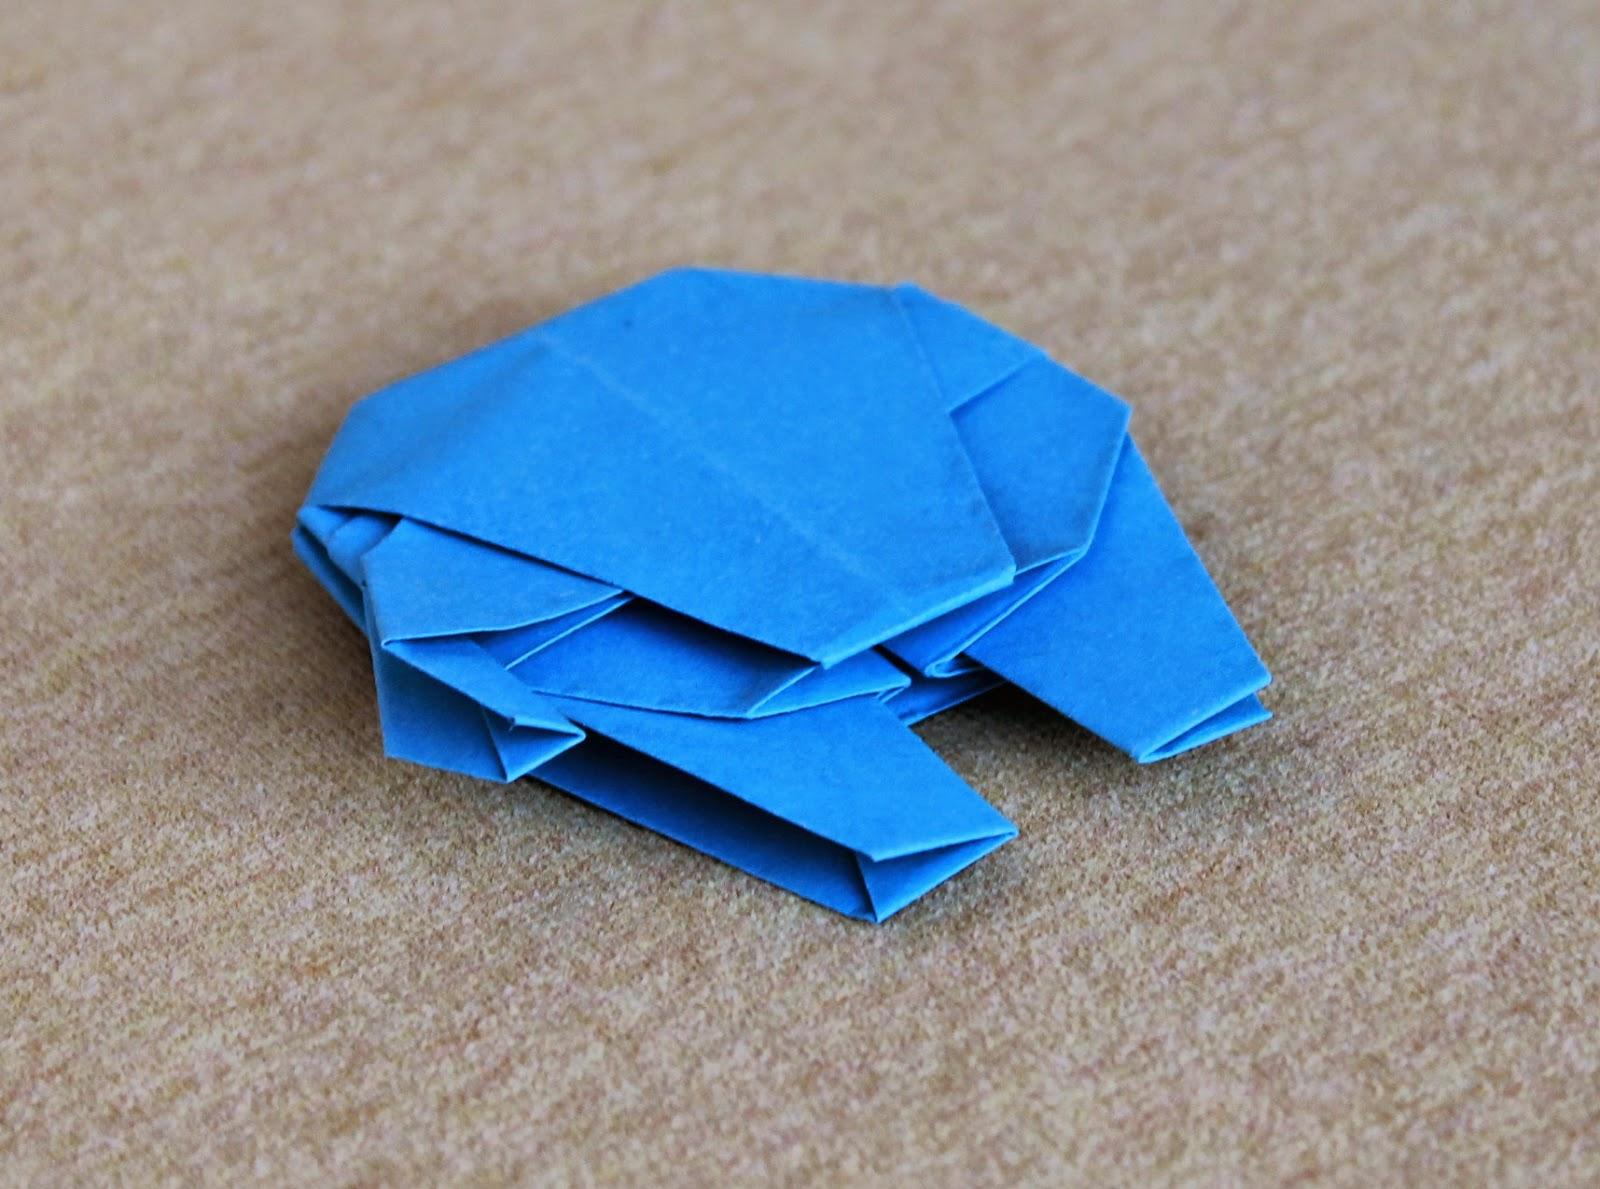 Origami Ks Millennium Falcon 2